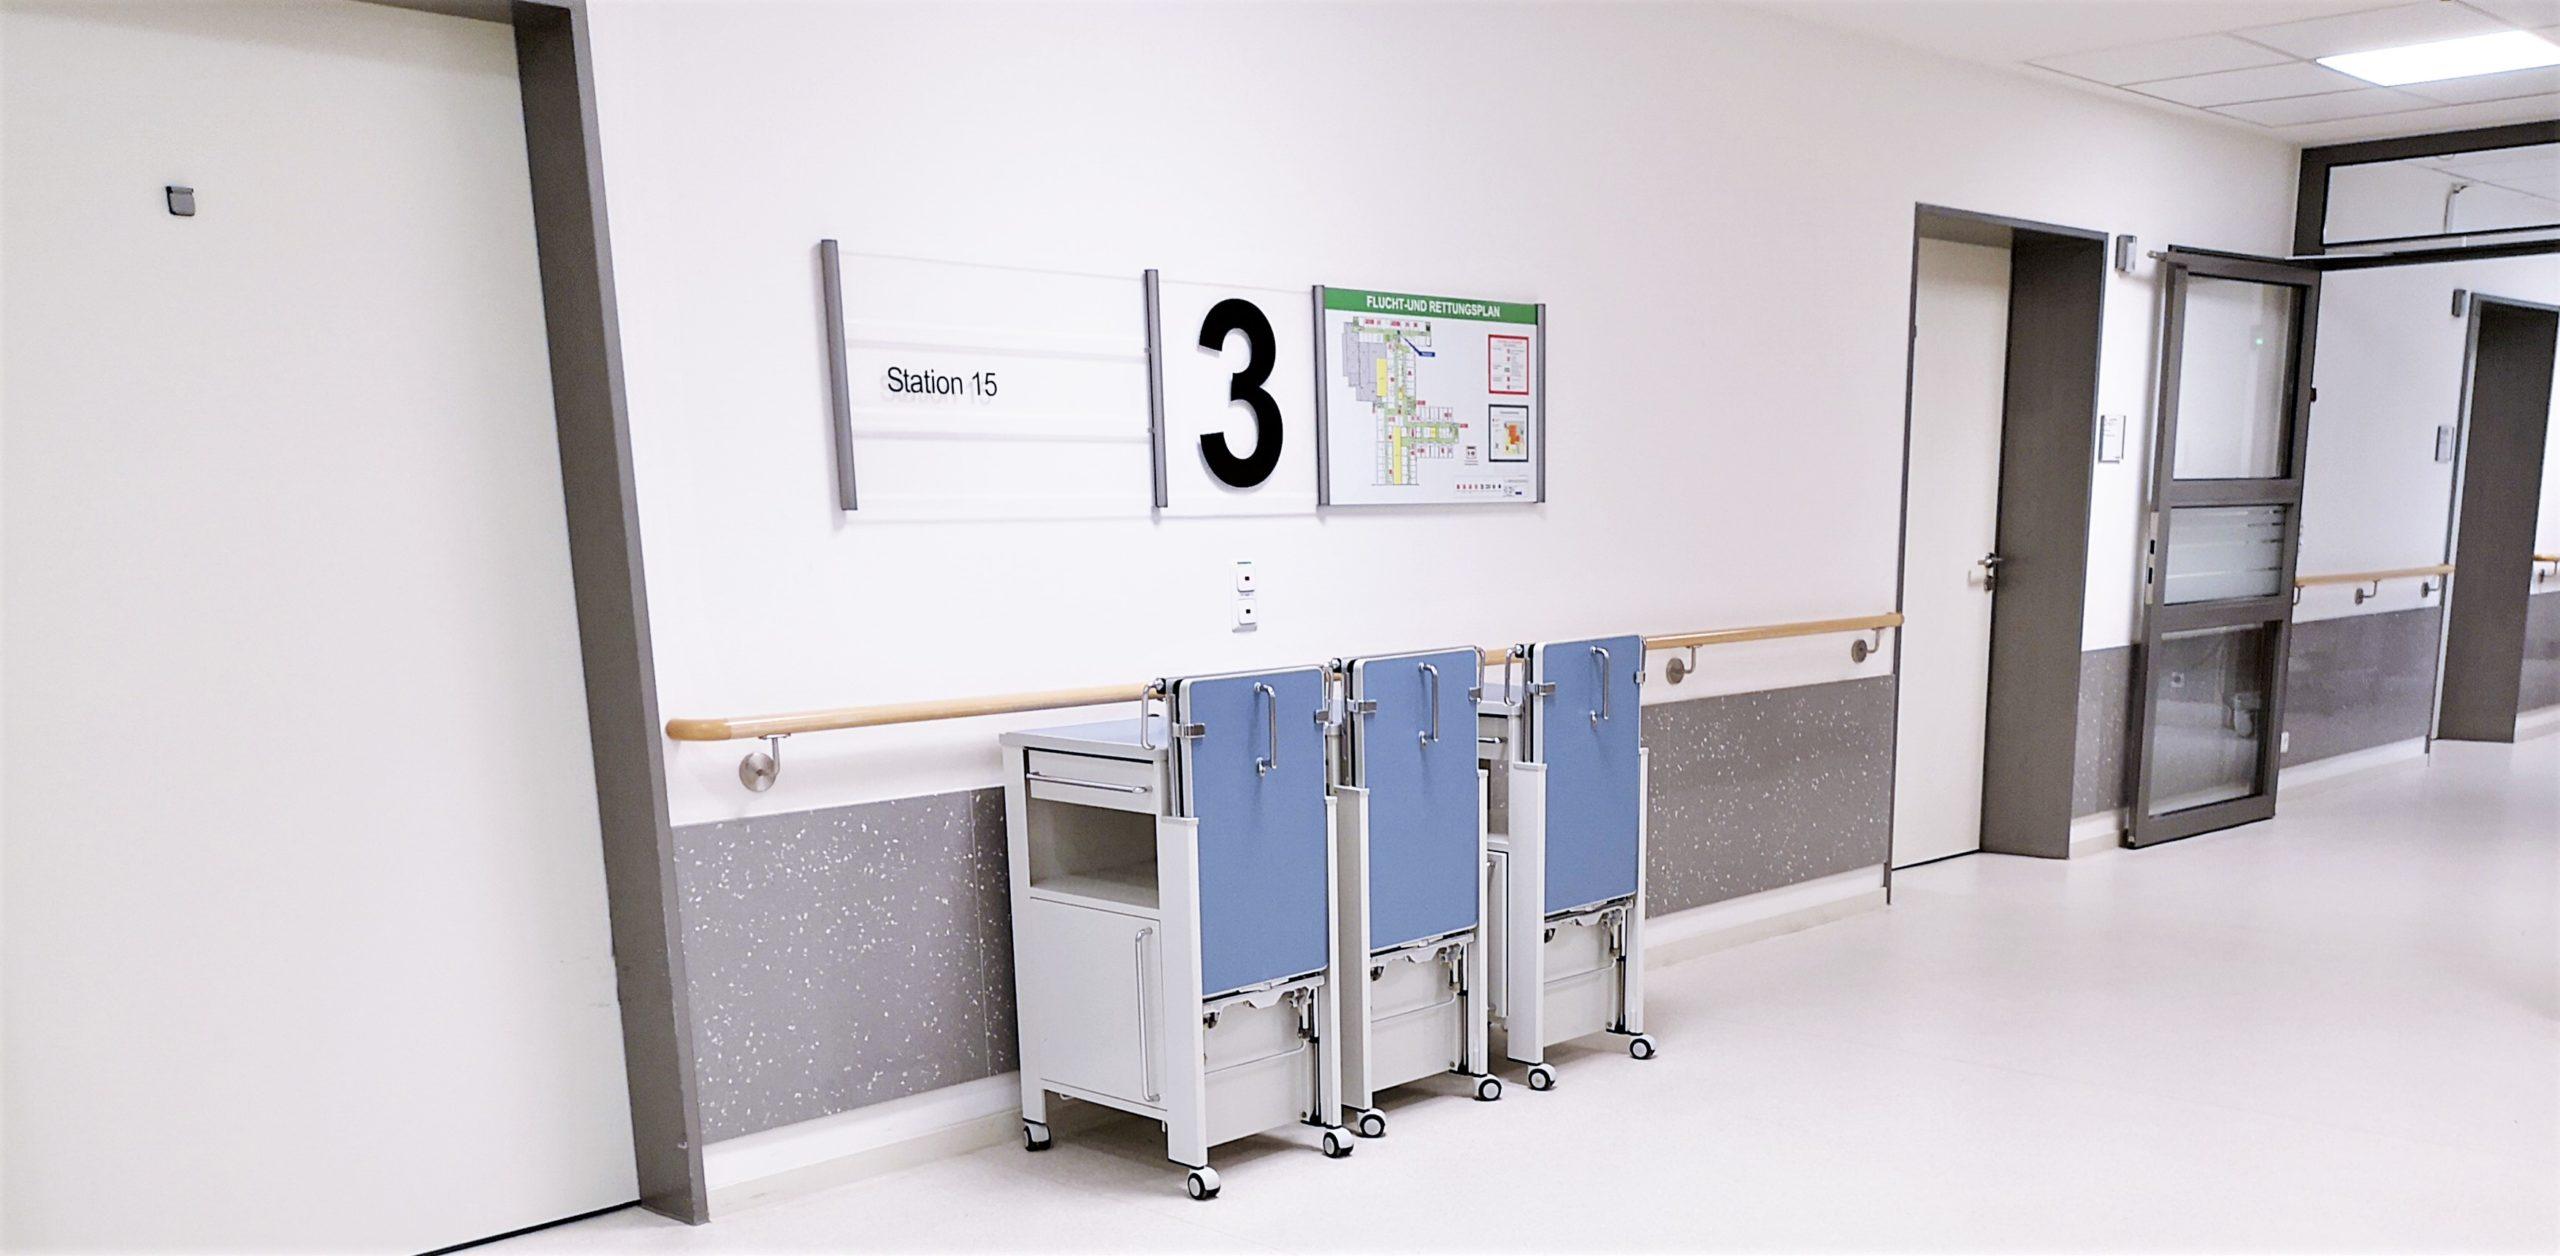 Rammschutz Wandverkleidungen für Krankenhäuser, Kliniken, Senioren- u. Altenheime, Pflegeeinrichtungen und Rehazentren